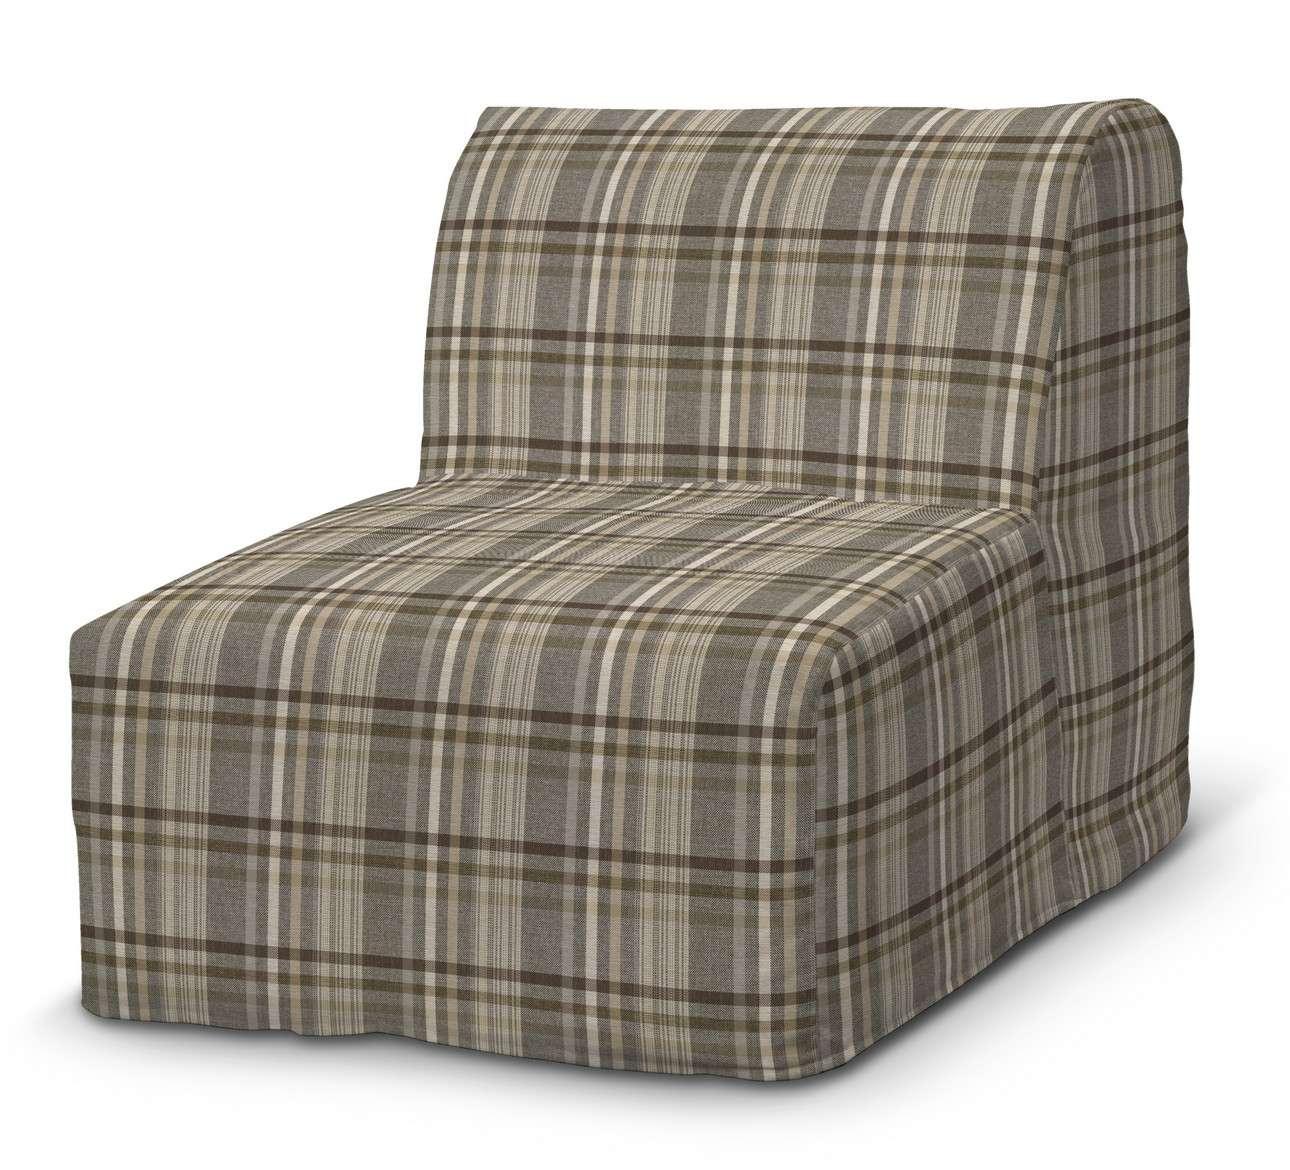 Pokrowiec na fotel Lycksele prosty w kolekcji Edinburgh, tkanina: 703-17